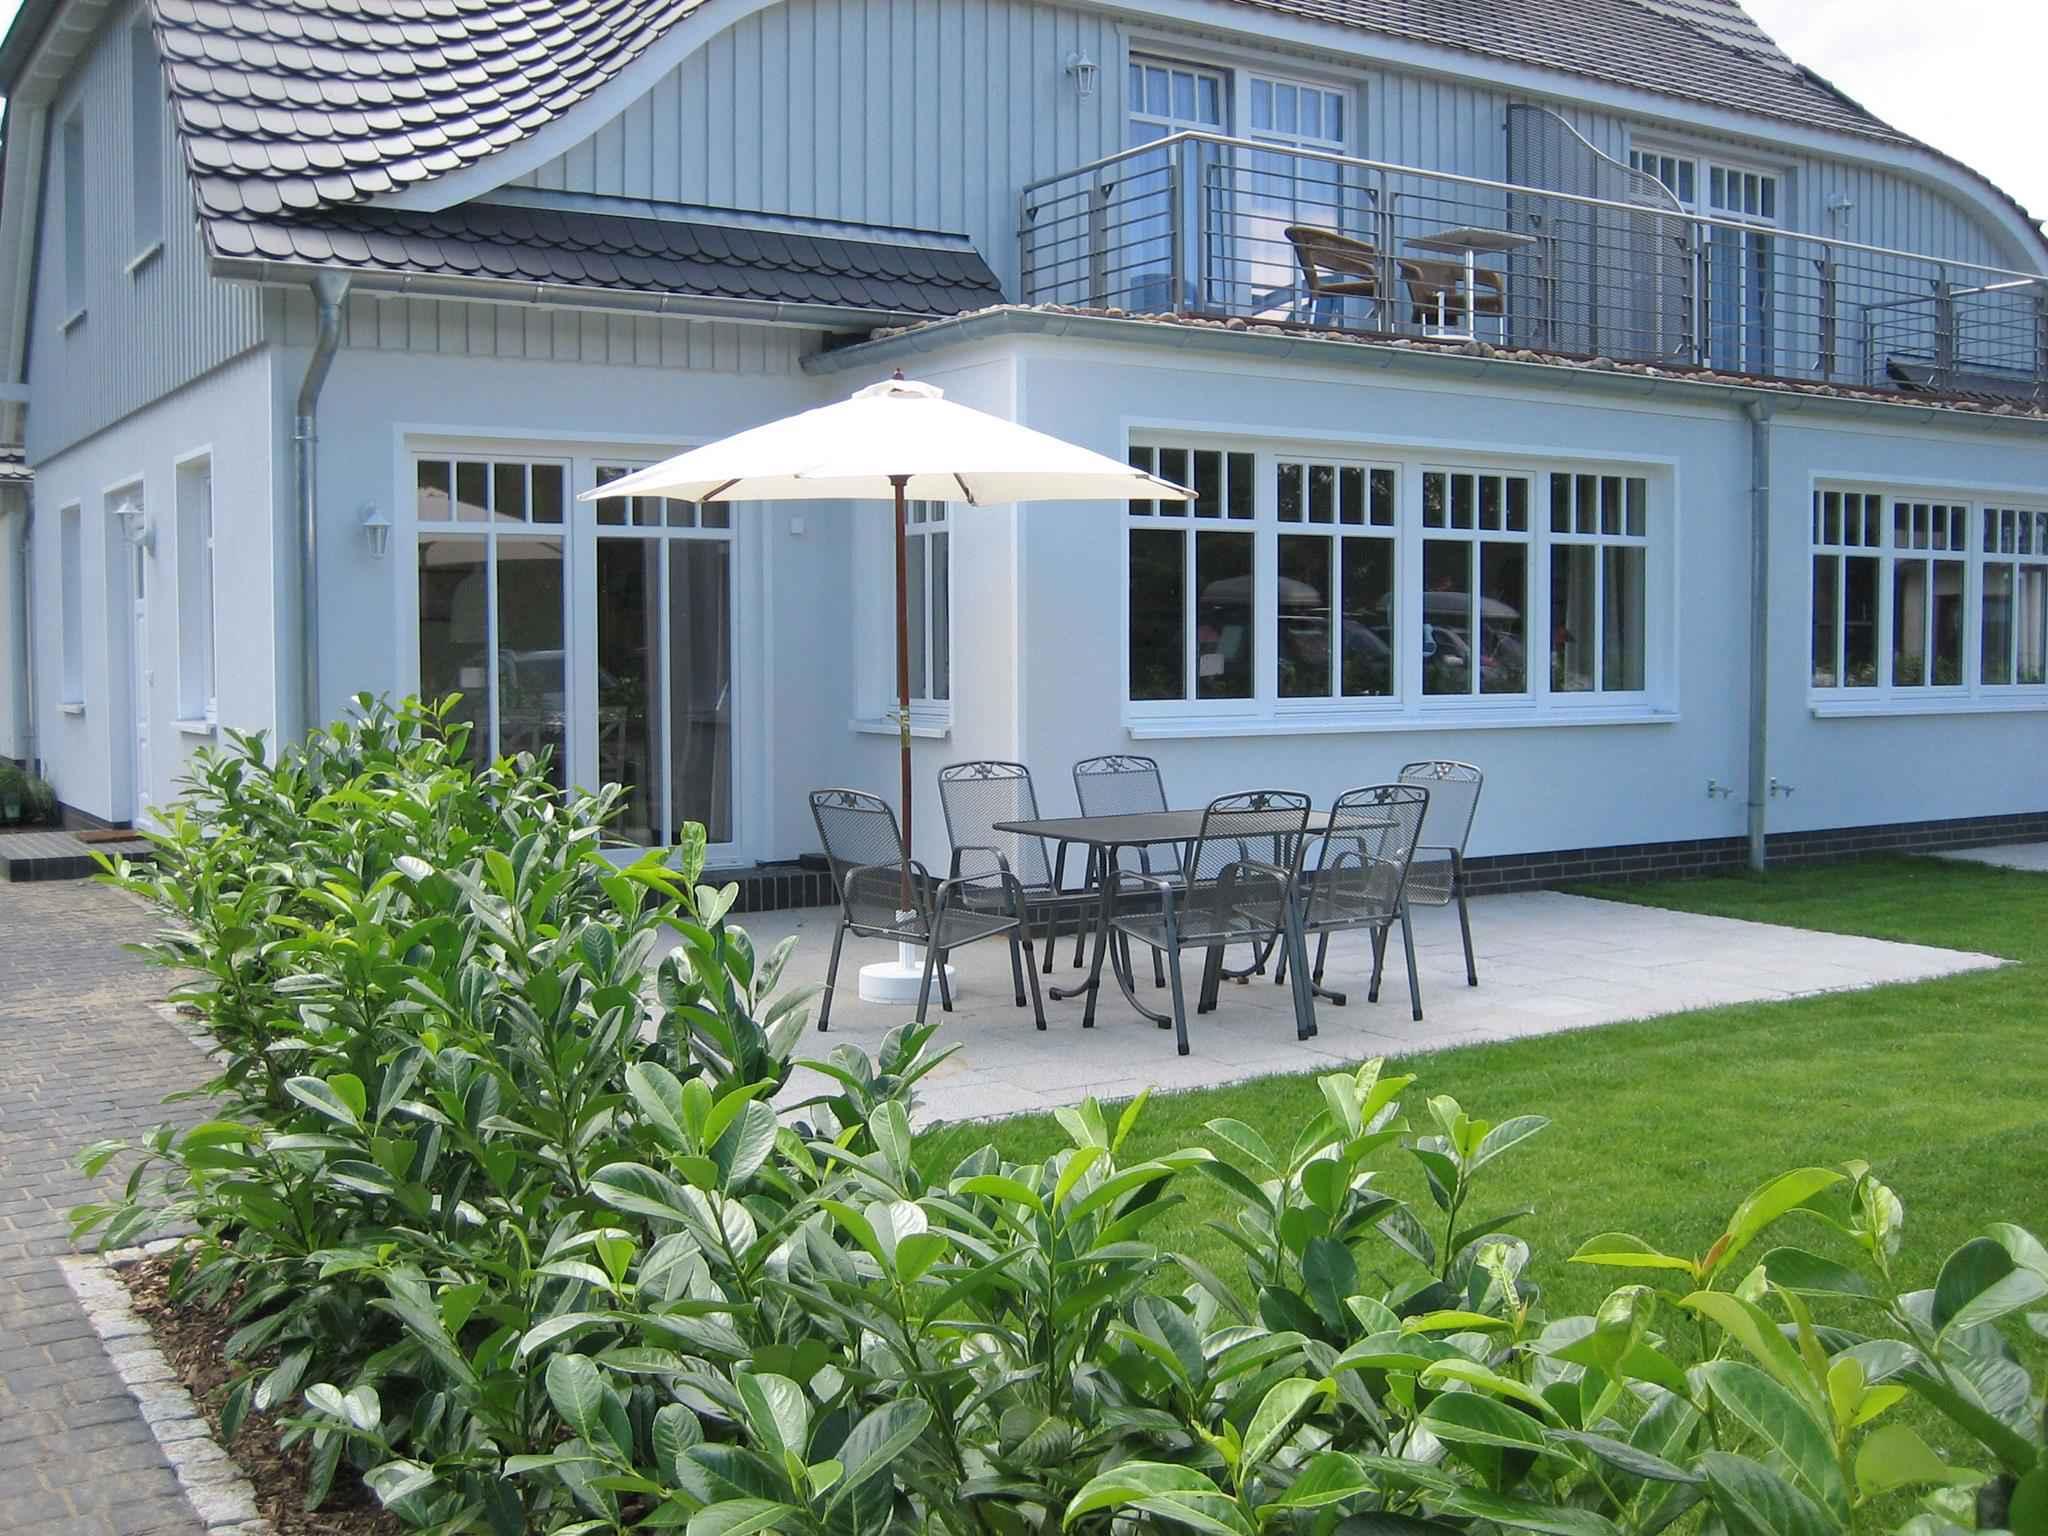 Ferienhaus mit Terrasse und Balkon (650552), Prerow, Fischland-Darss-Zingst, Mecklenburg-Vorpommern, Deutschland, Bild 4